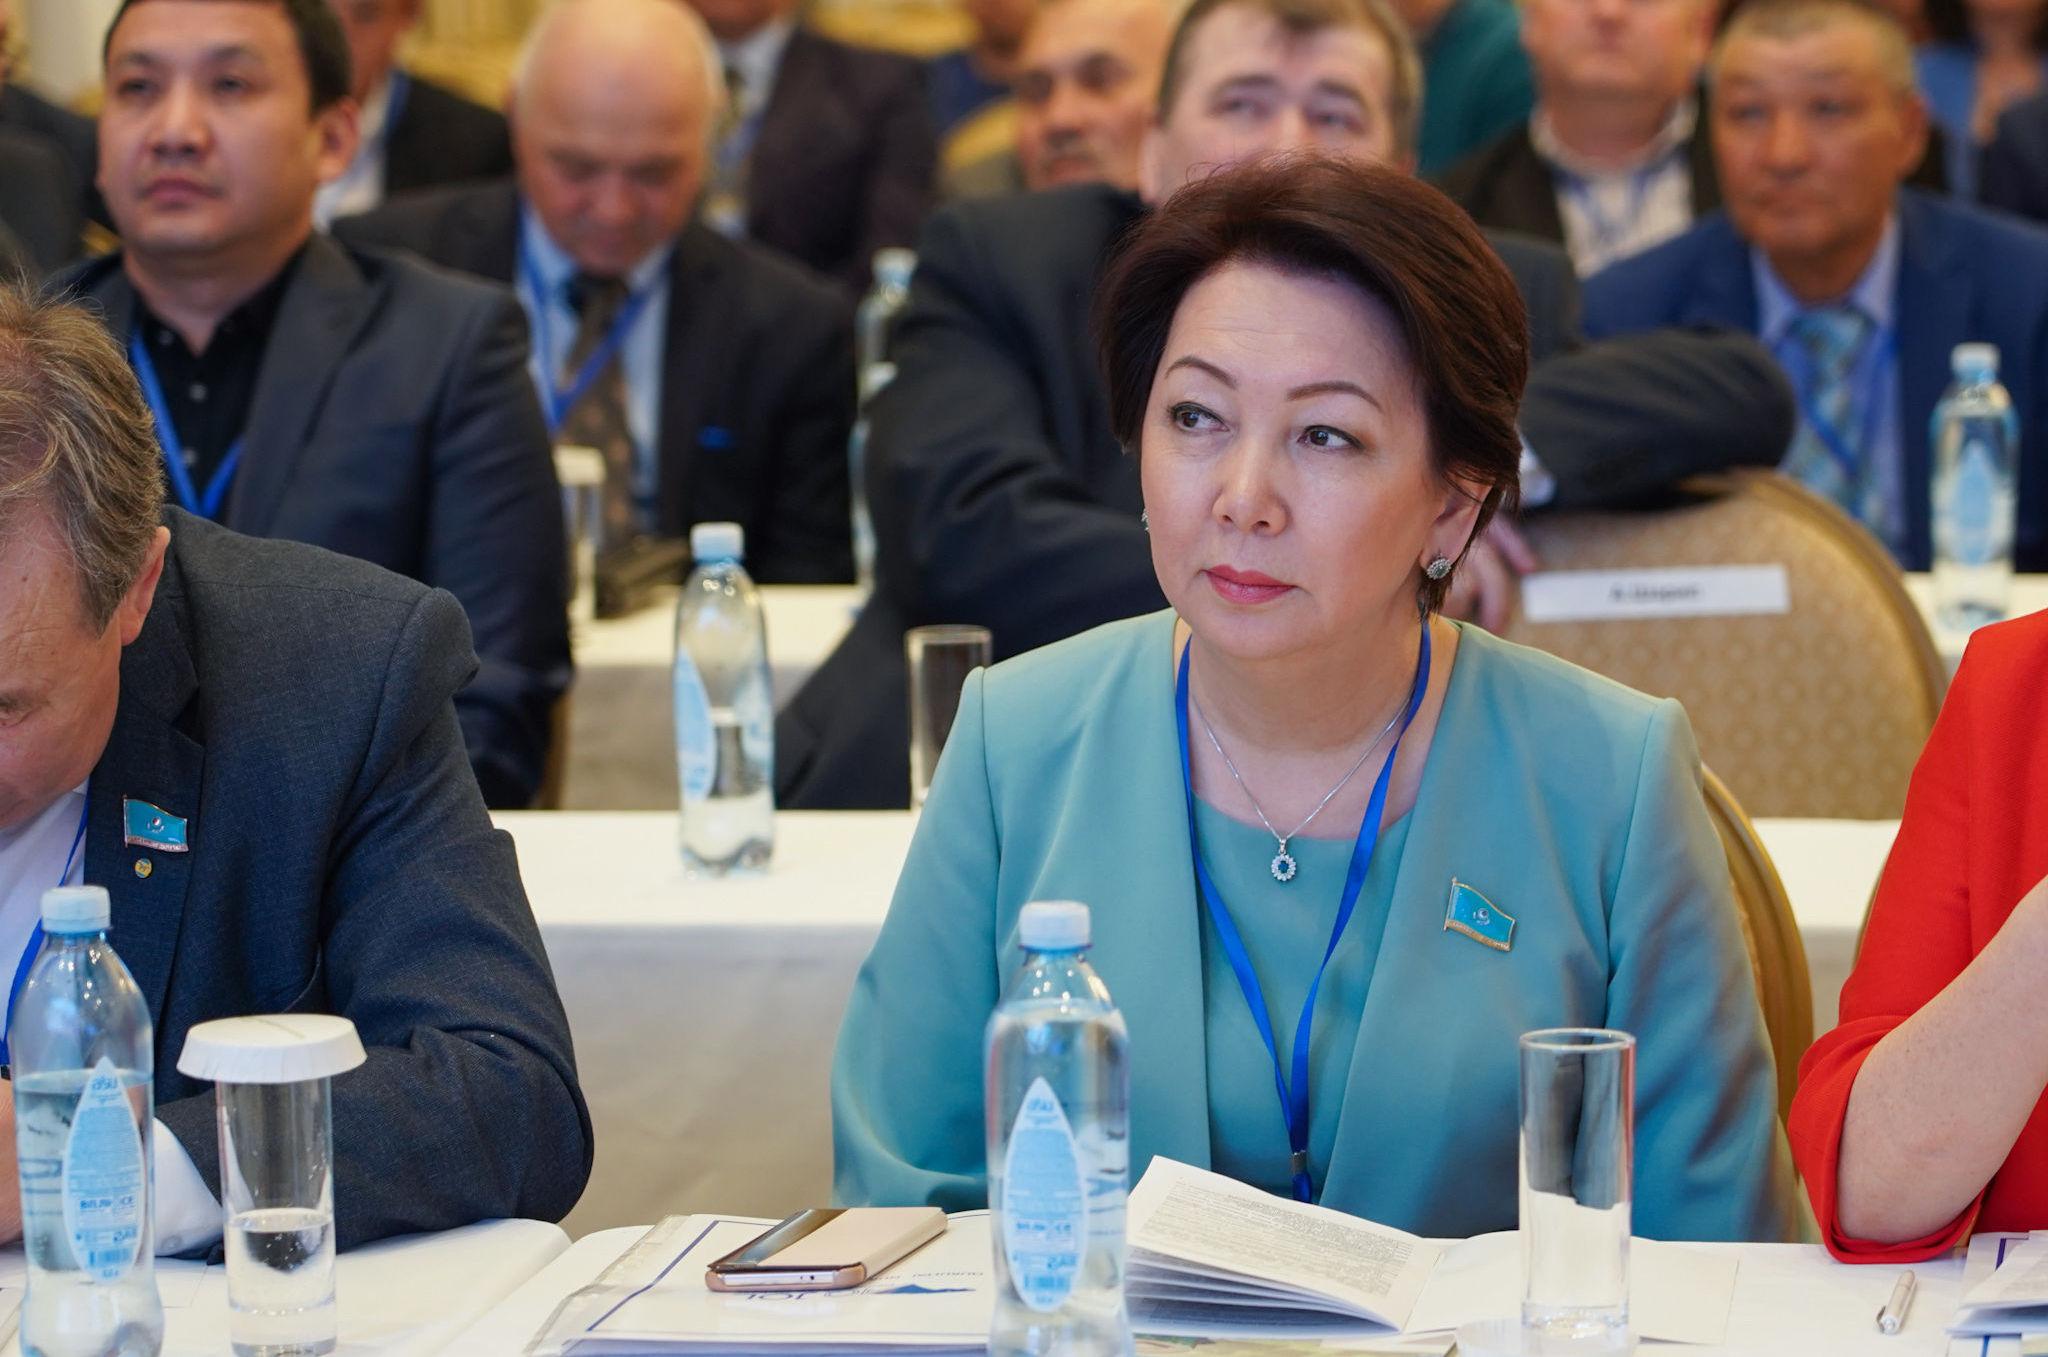 Кандидатом-женщиной от партии Ак жол стала депутат мажилиса Дания Еспаева